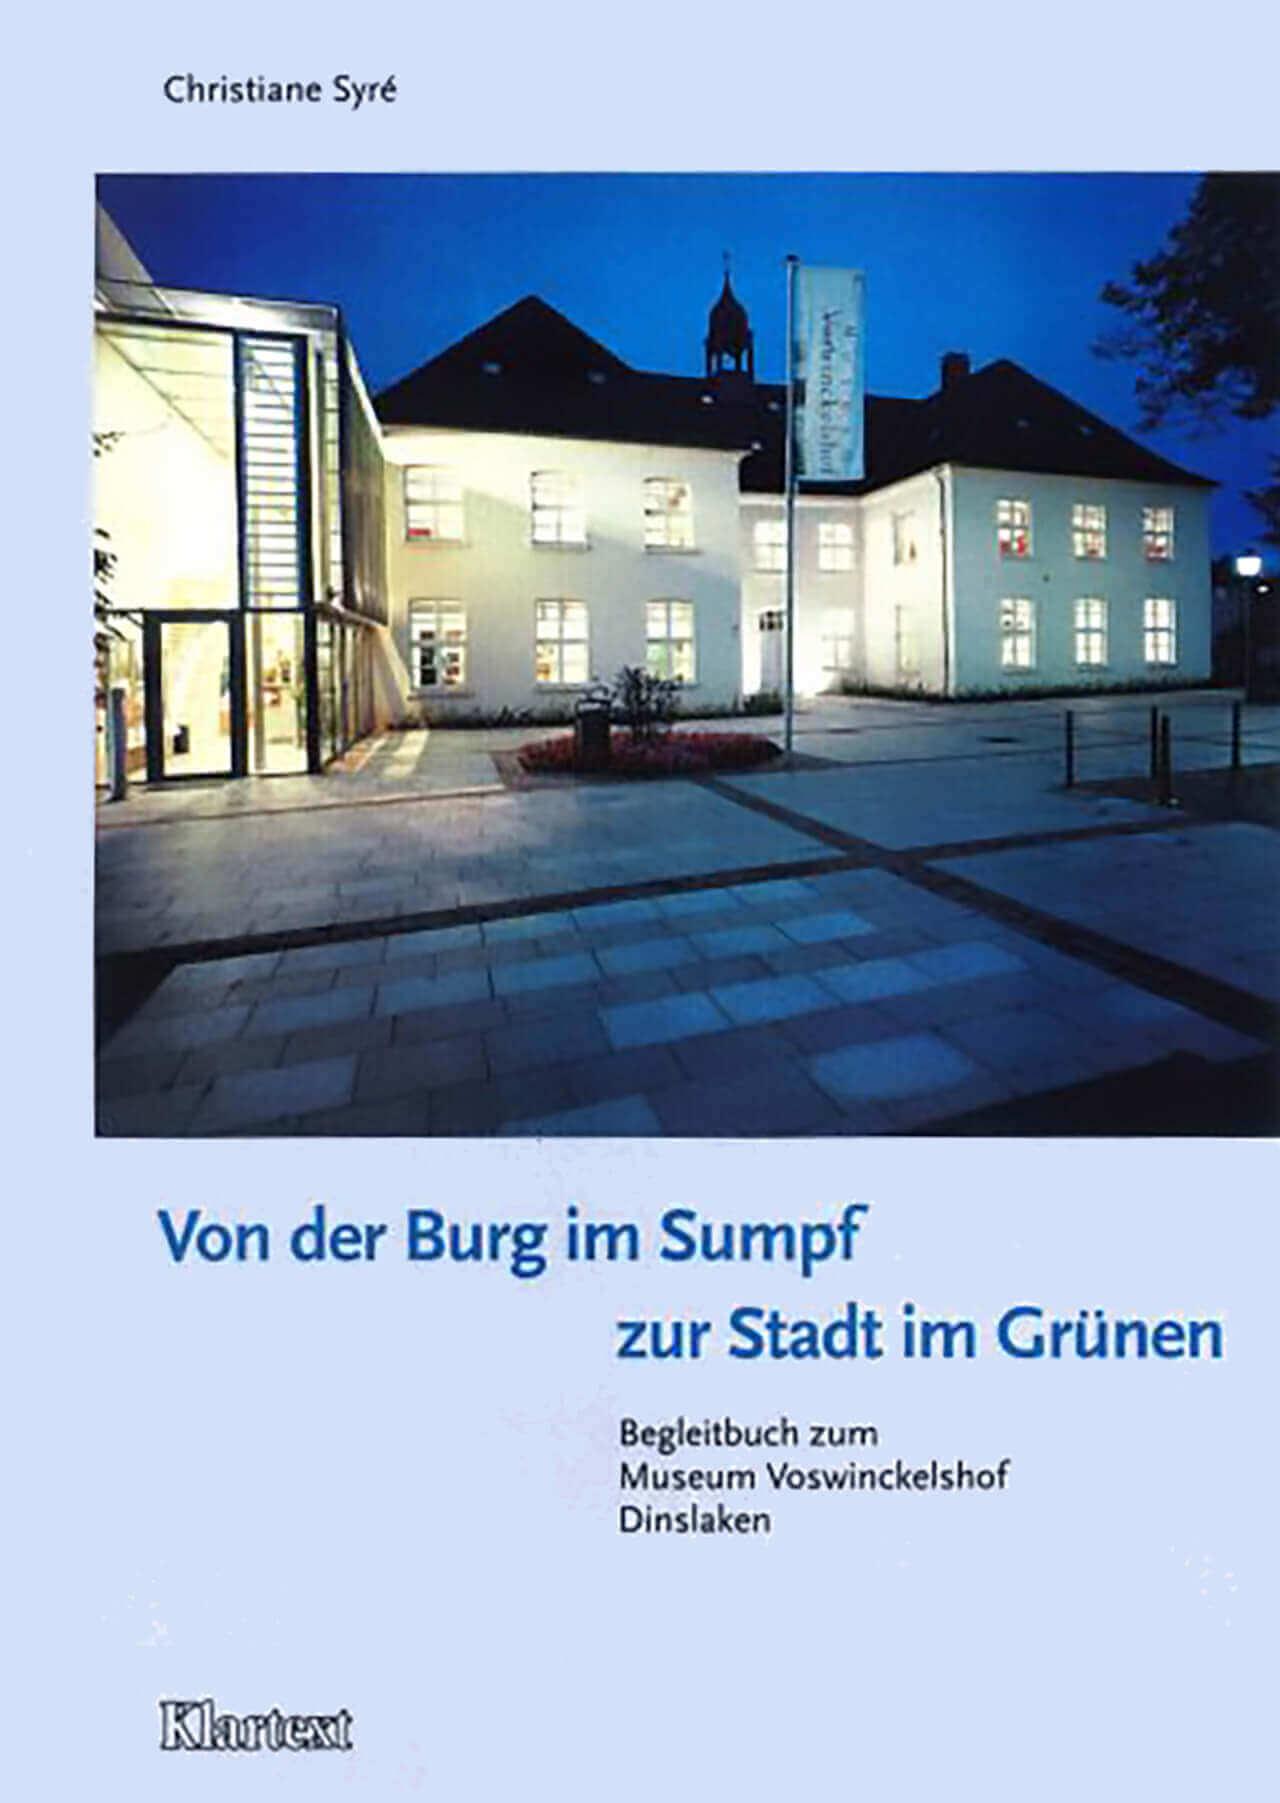 Christiane Syre - Von der Burg im Sumpf zur Stadt im Grünen - Cover